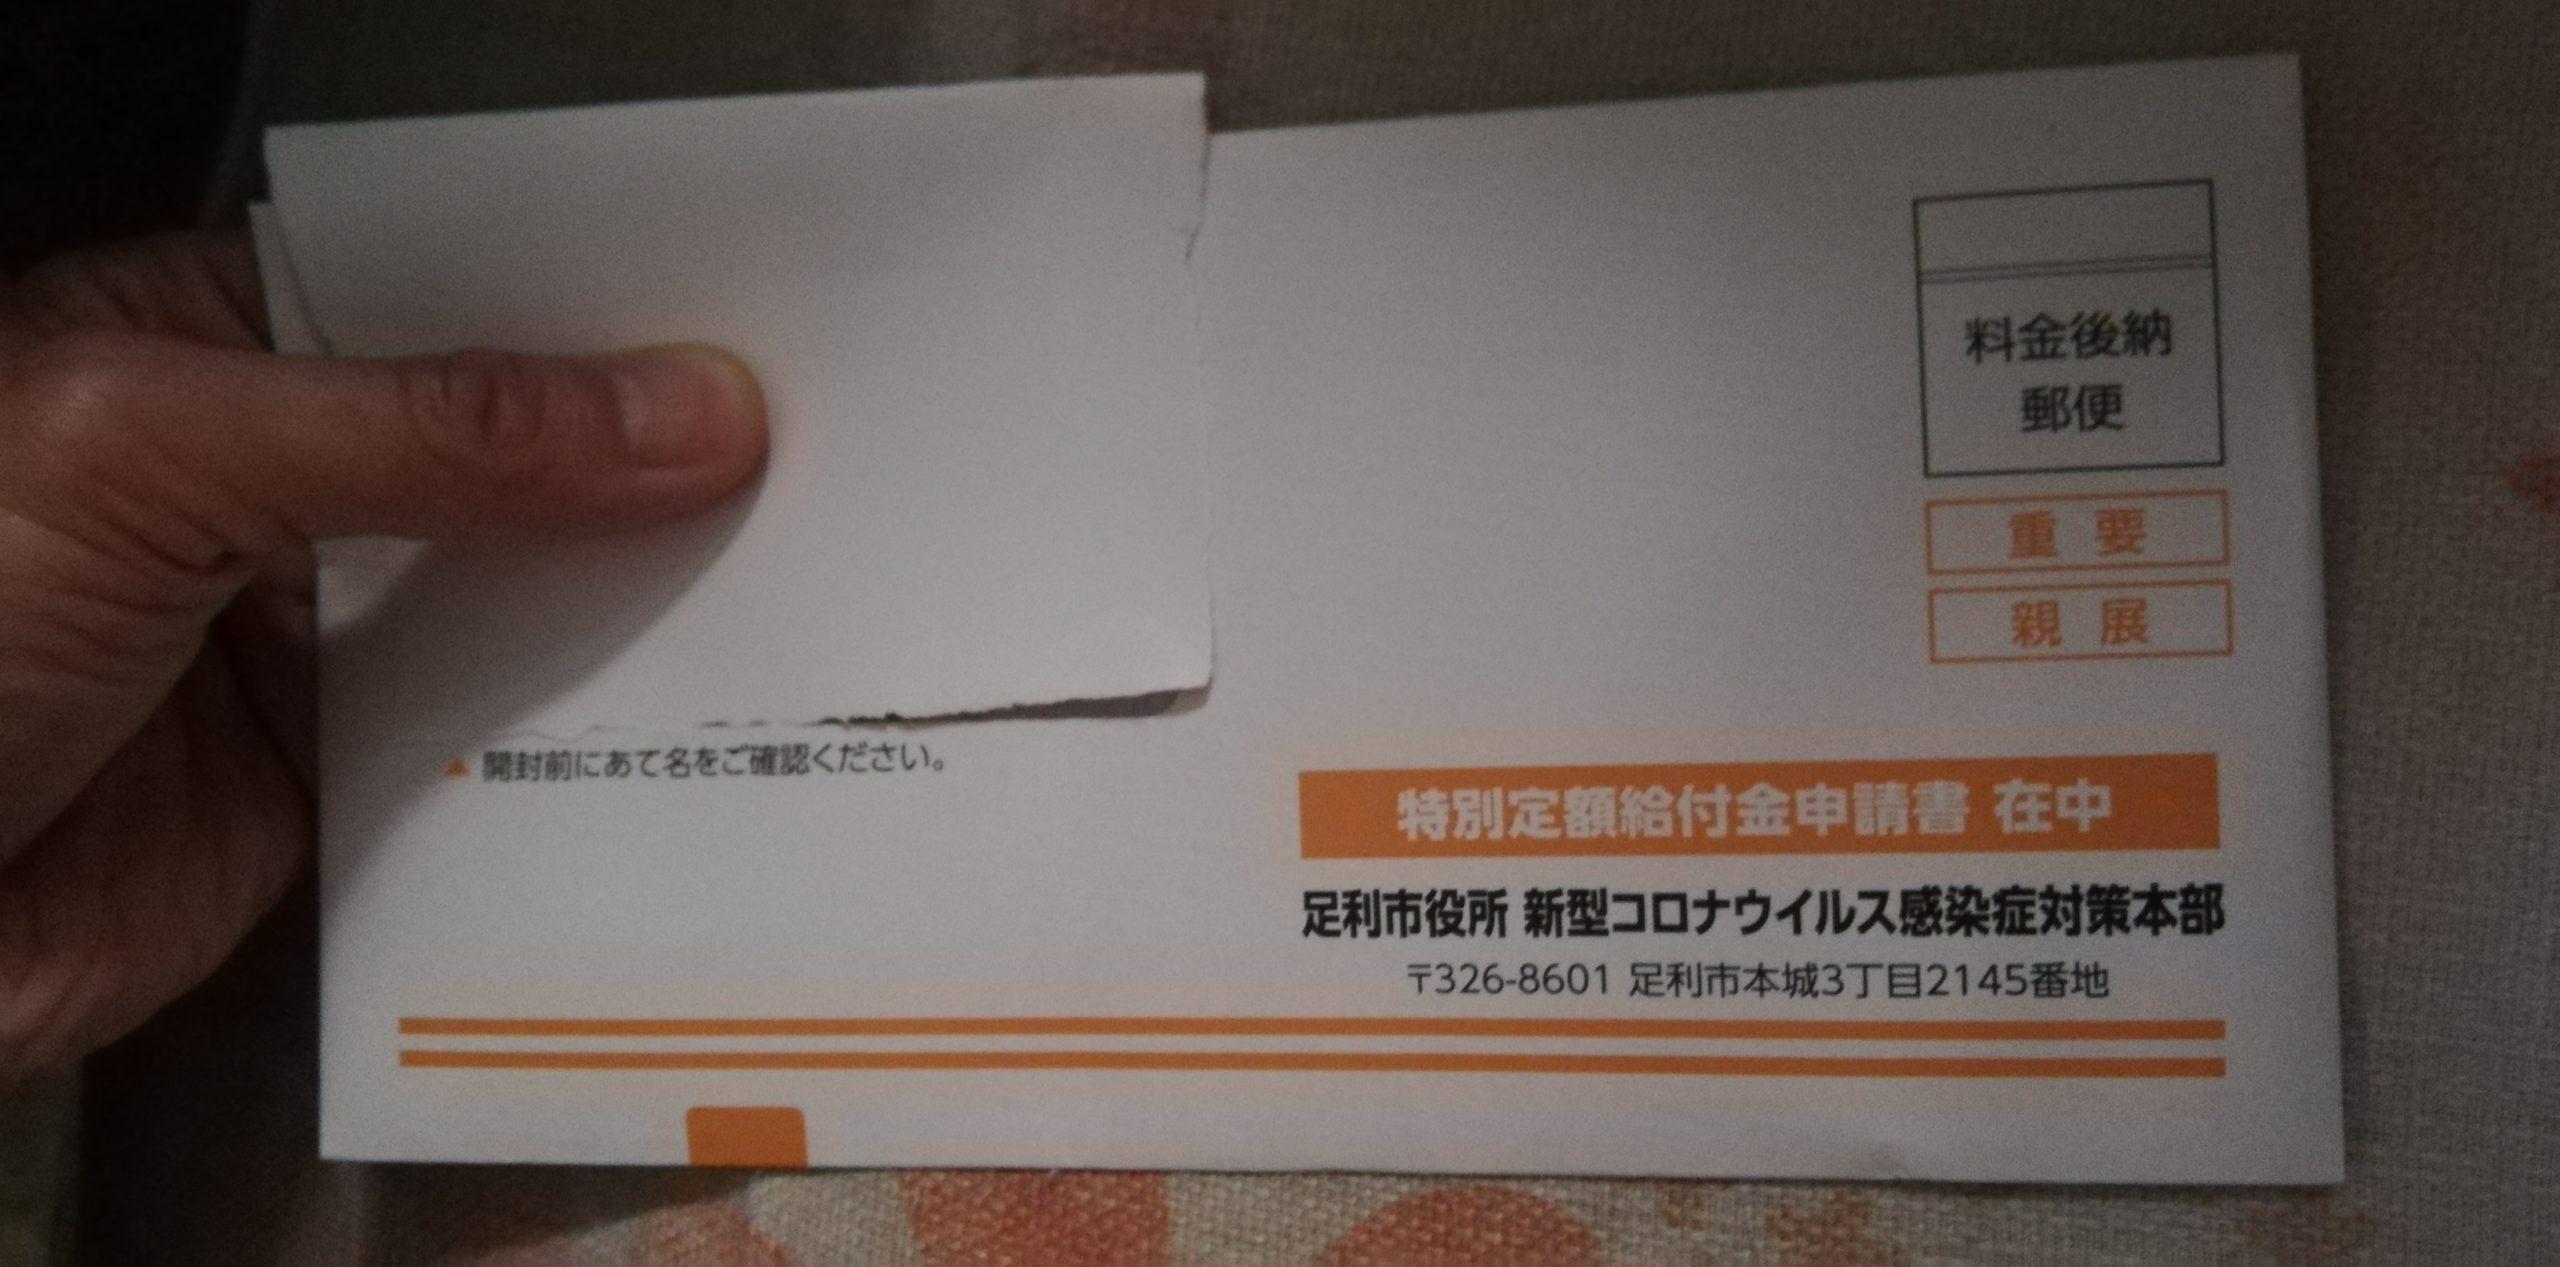 本日、栃木県足利市も特別定額給付金の申請書が届きました!